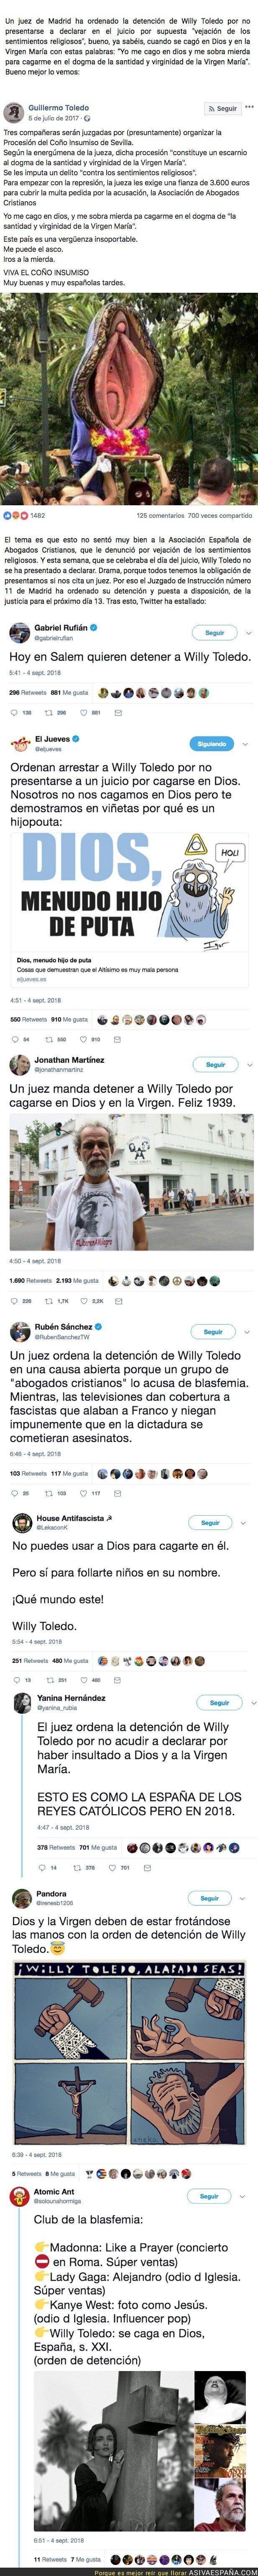 92353 - Un juez ordena la detención del actor Willy Toledo y Twitter arde